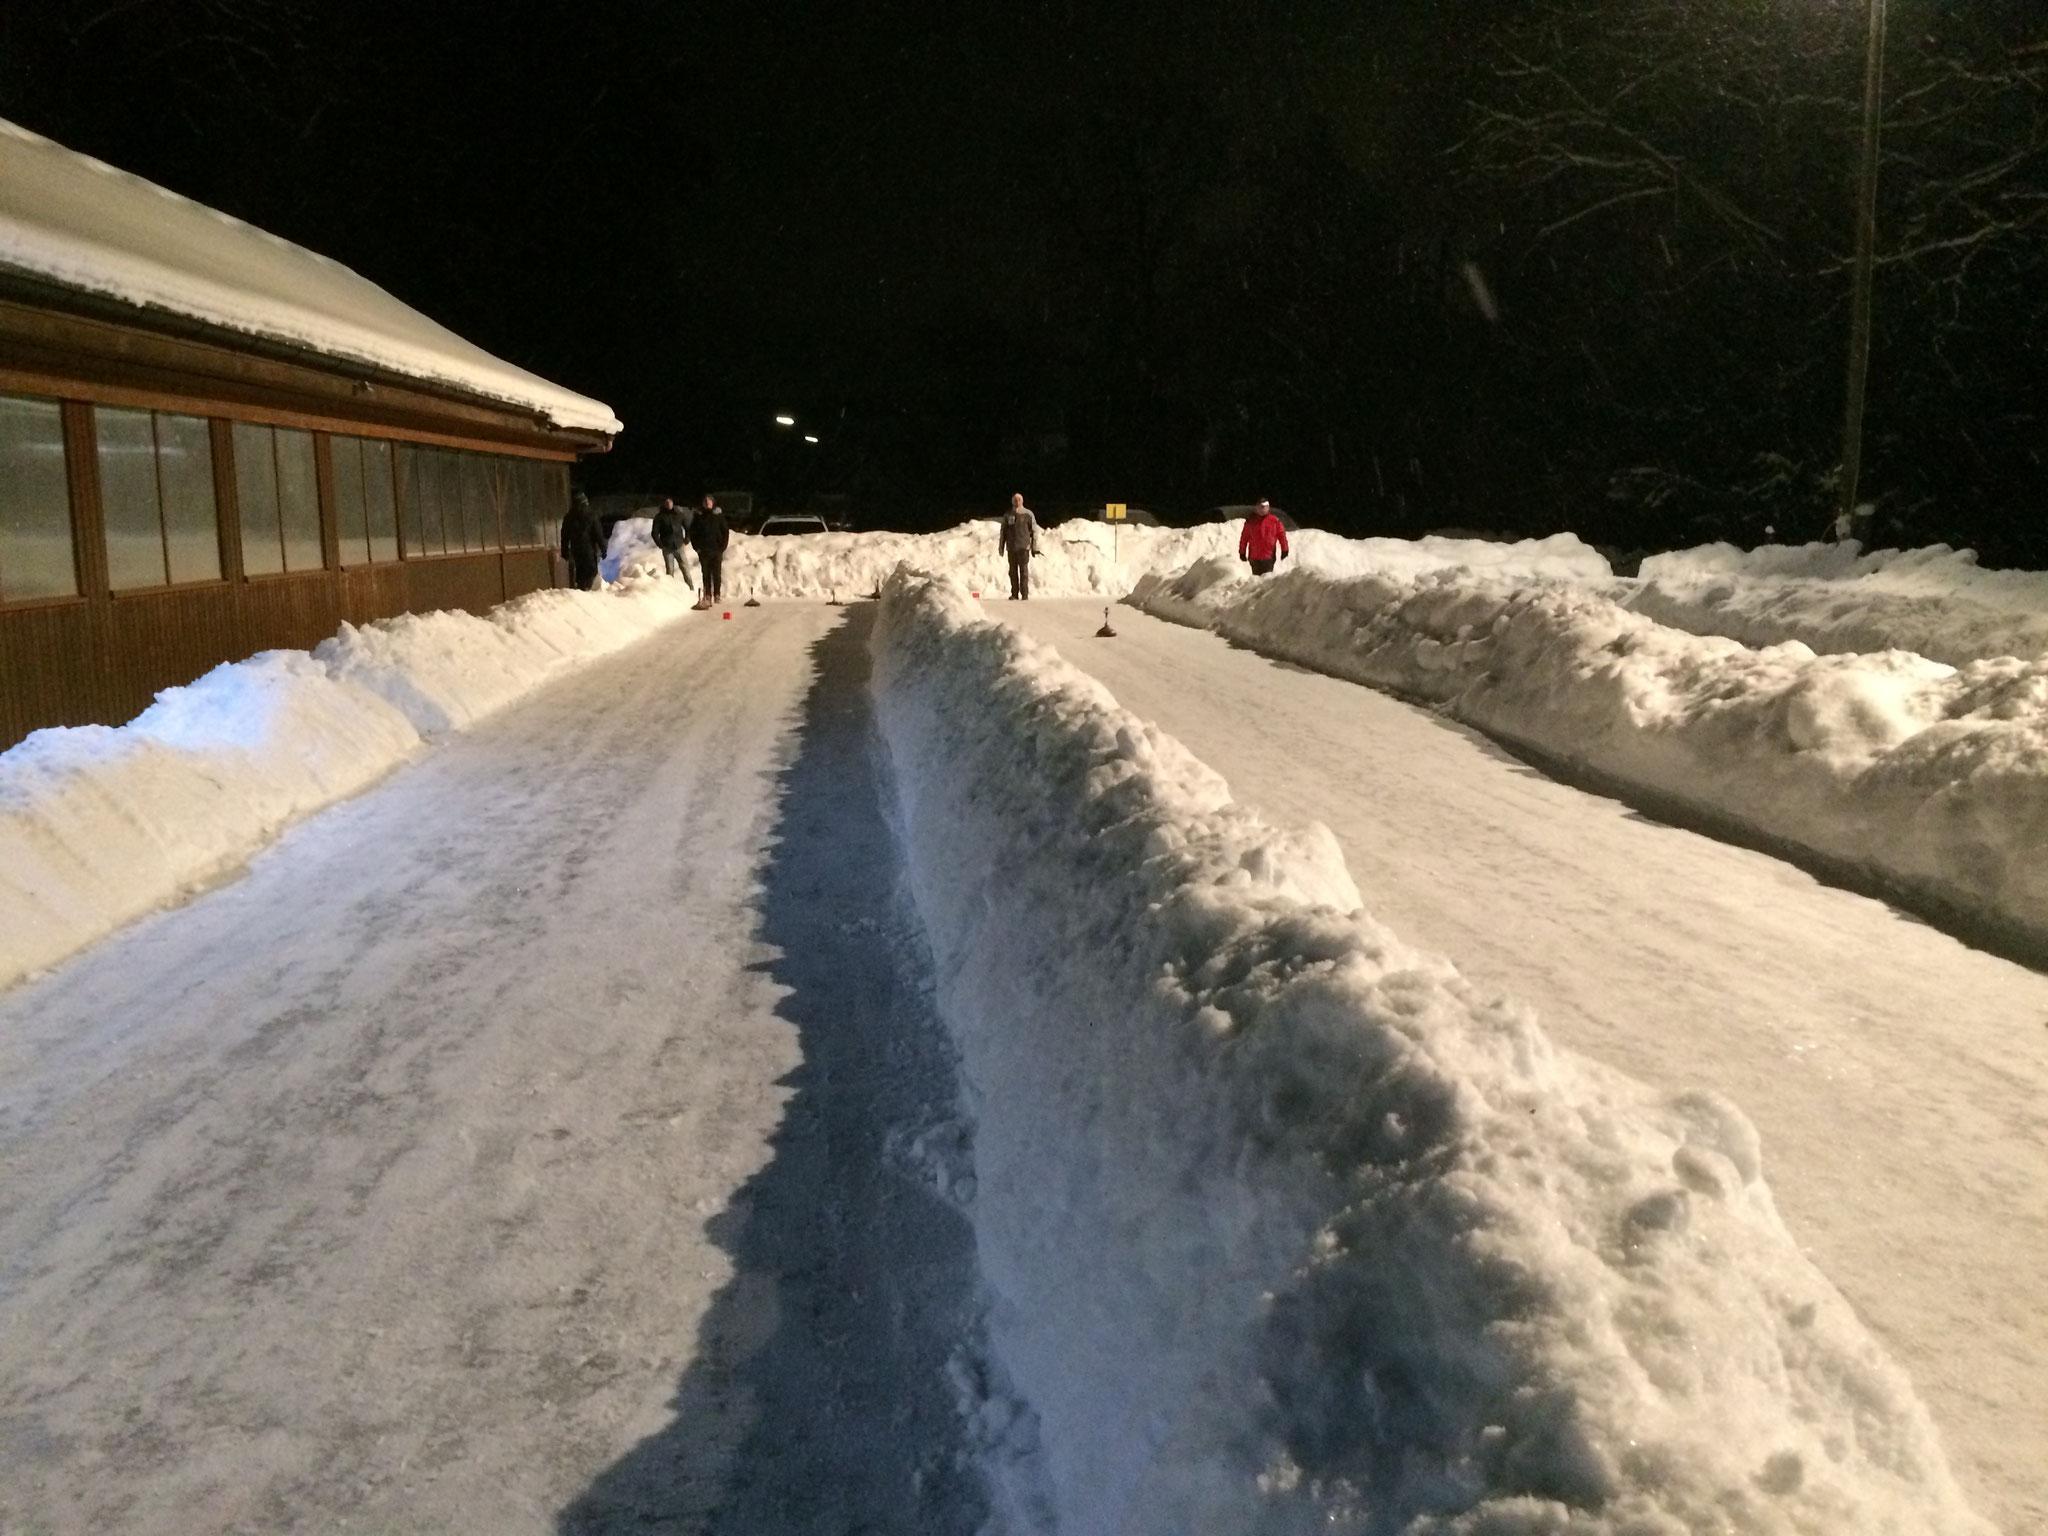 Tolle Eisbahnen - 16.1.2017